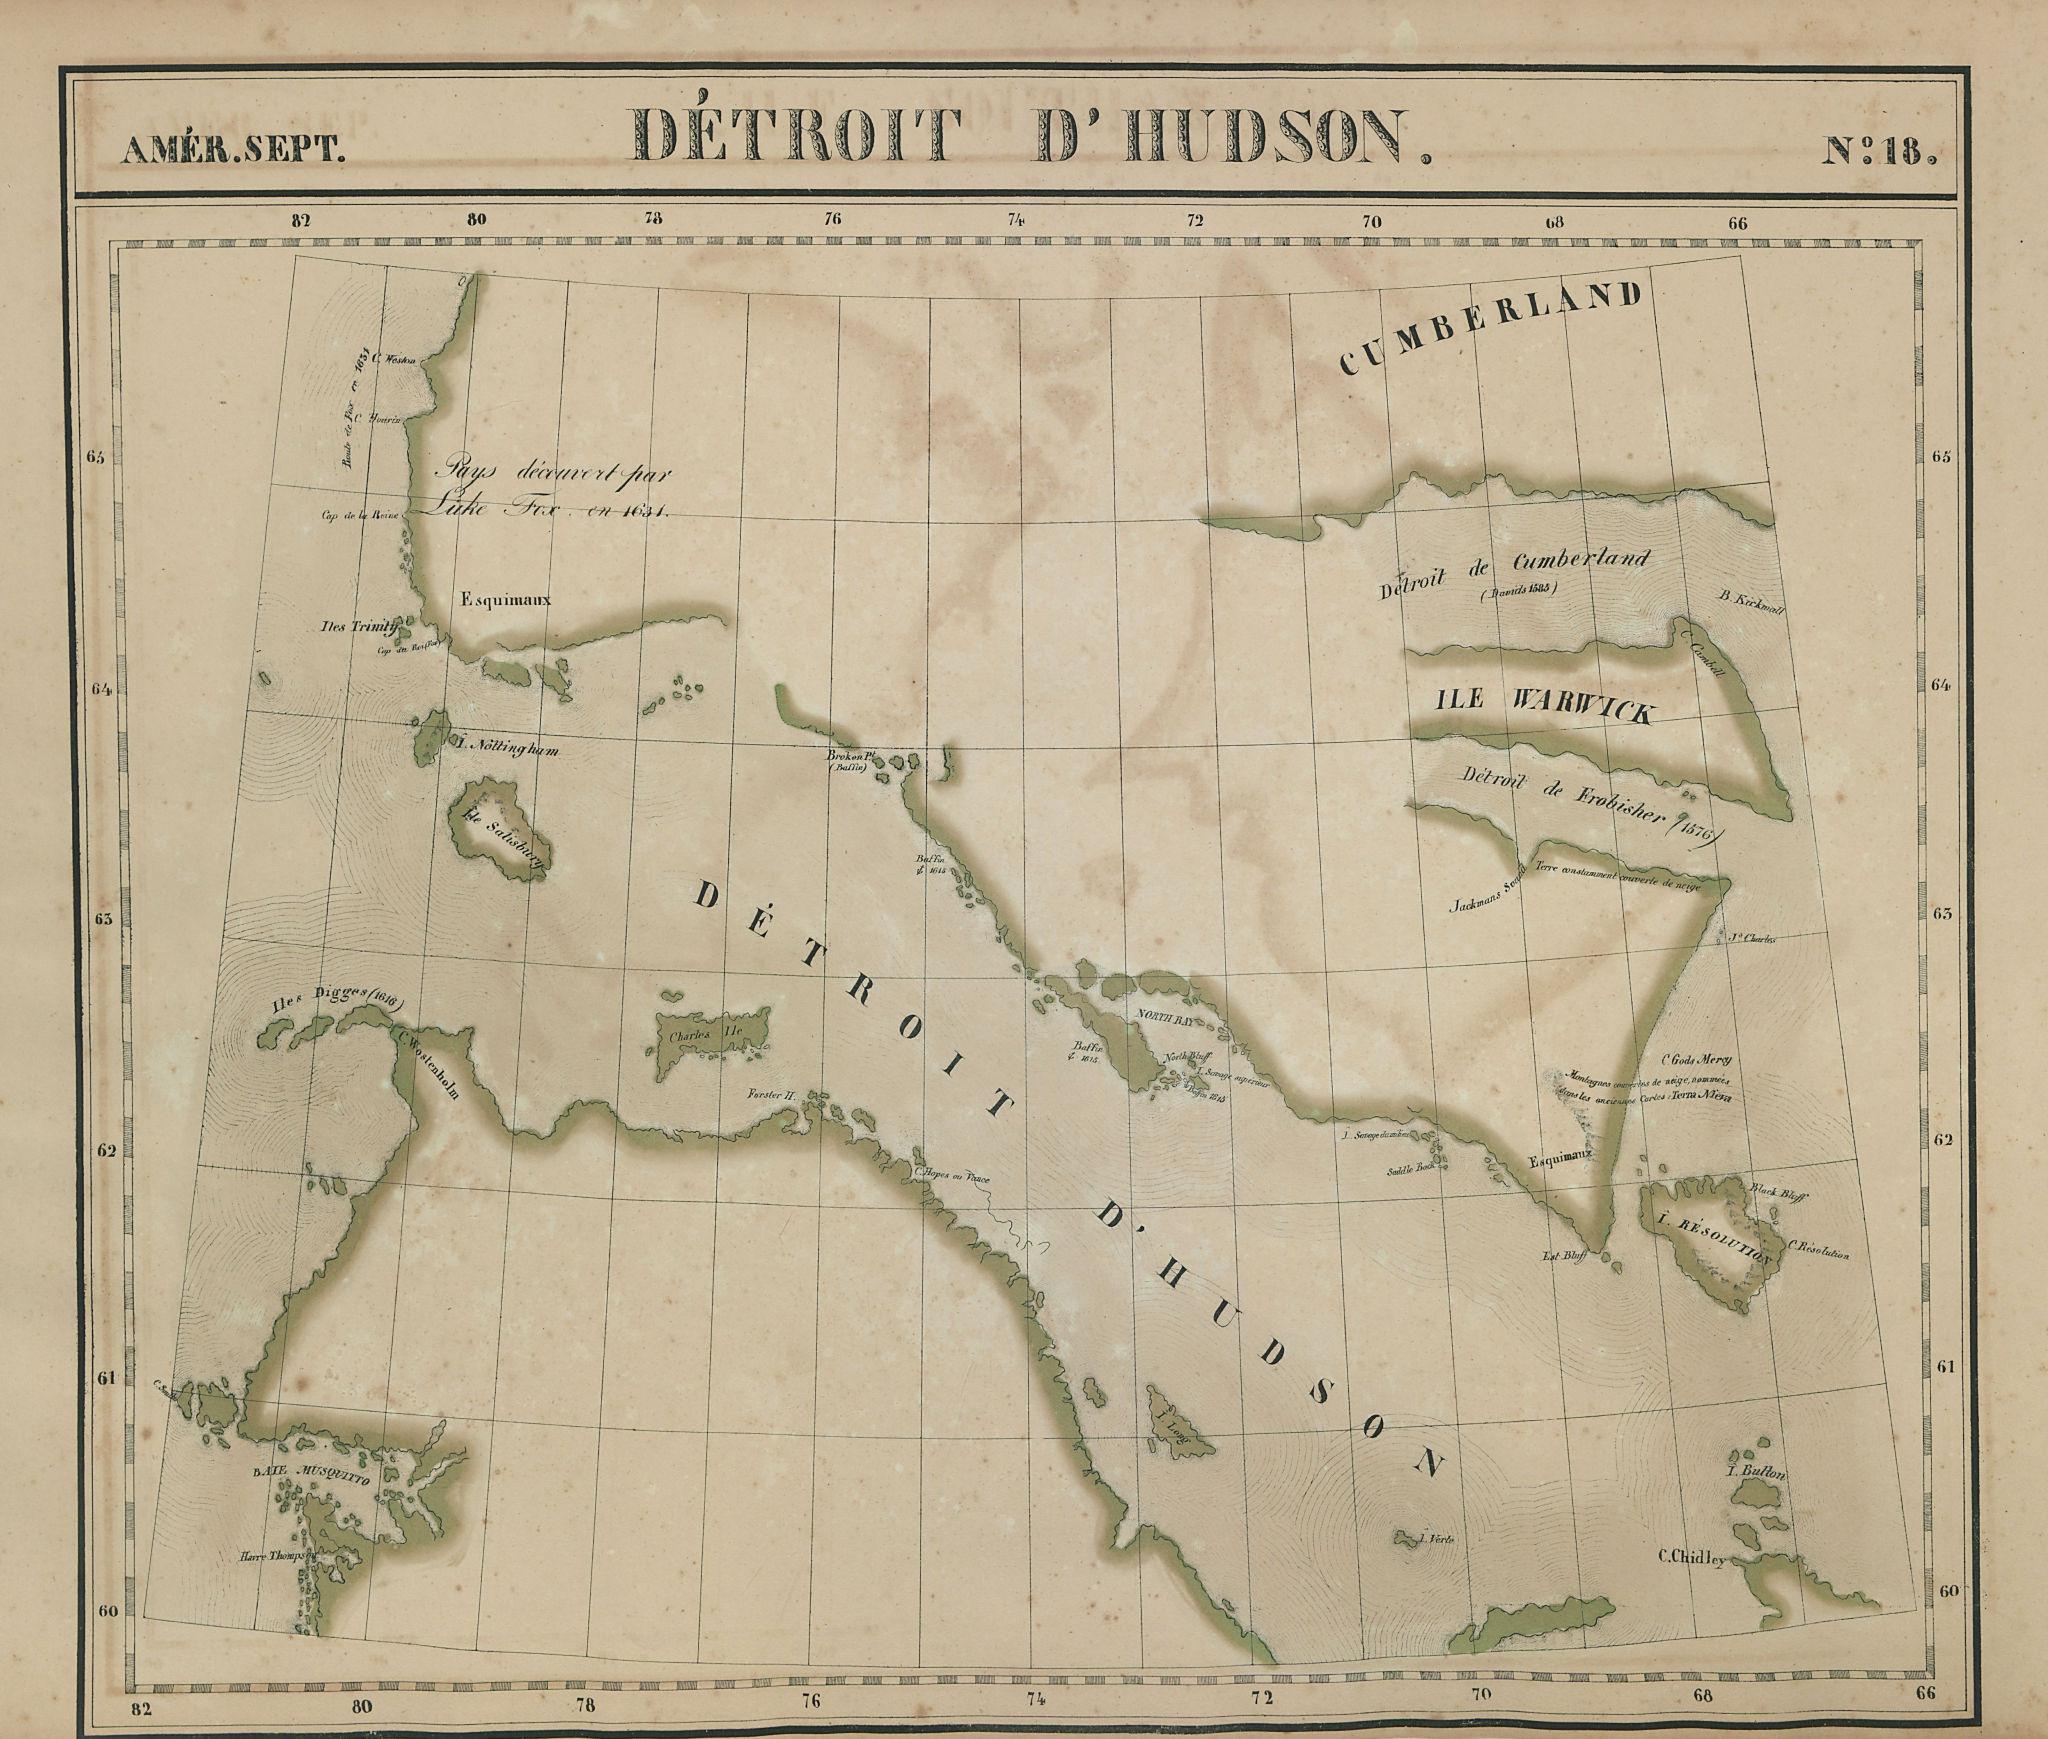 Amér Sep. Détroit d'Hudson Strait #18 Baffin Island Canada VANDERMAELEN 1827 map